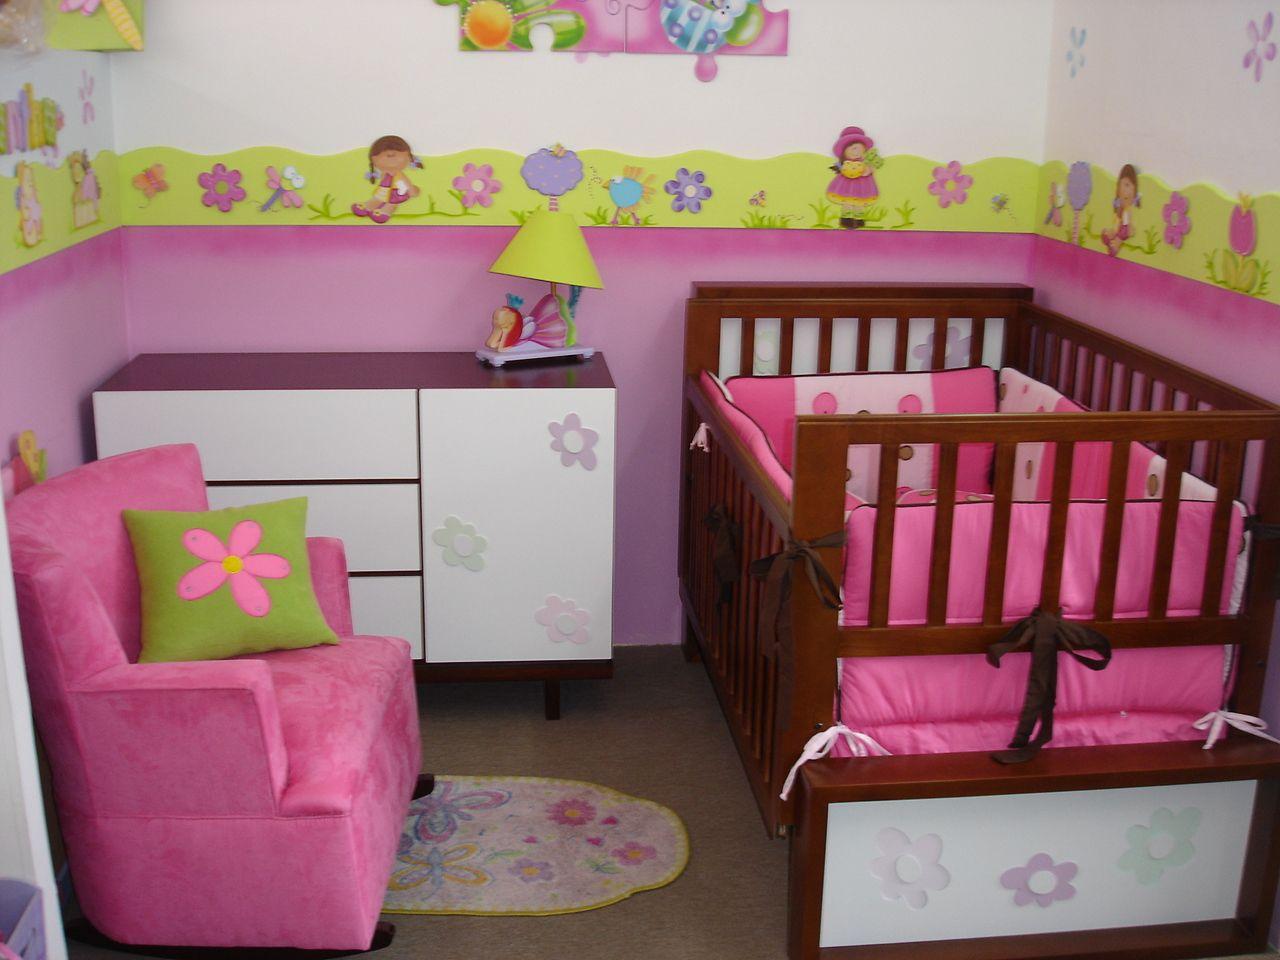 Modelo de habitaci n con camacuna recamaras de bebe pinterest modelo recamara y recamaras - Habitaciones bebes nina ...